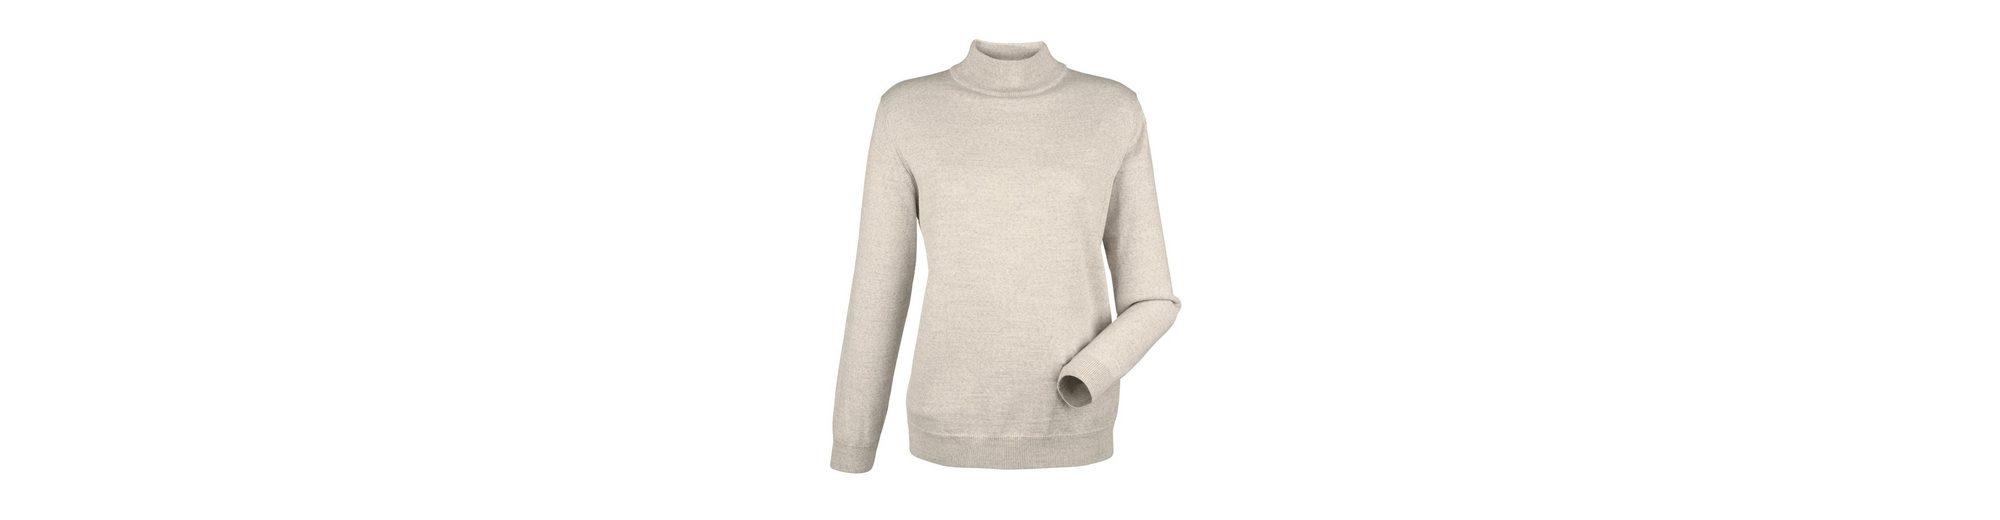 Am Billigsten Eastbay Günstigen Preis Mona Stehbund-Pullover mit Merino-Schurwolle Auslass Heißen Verkauf jdVUw2